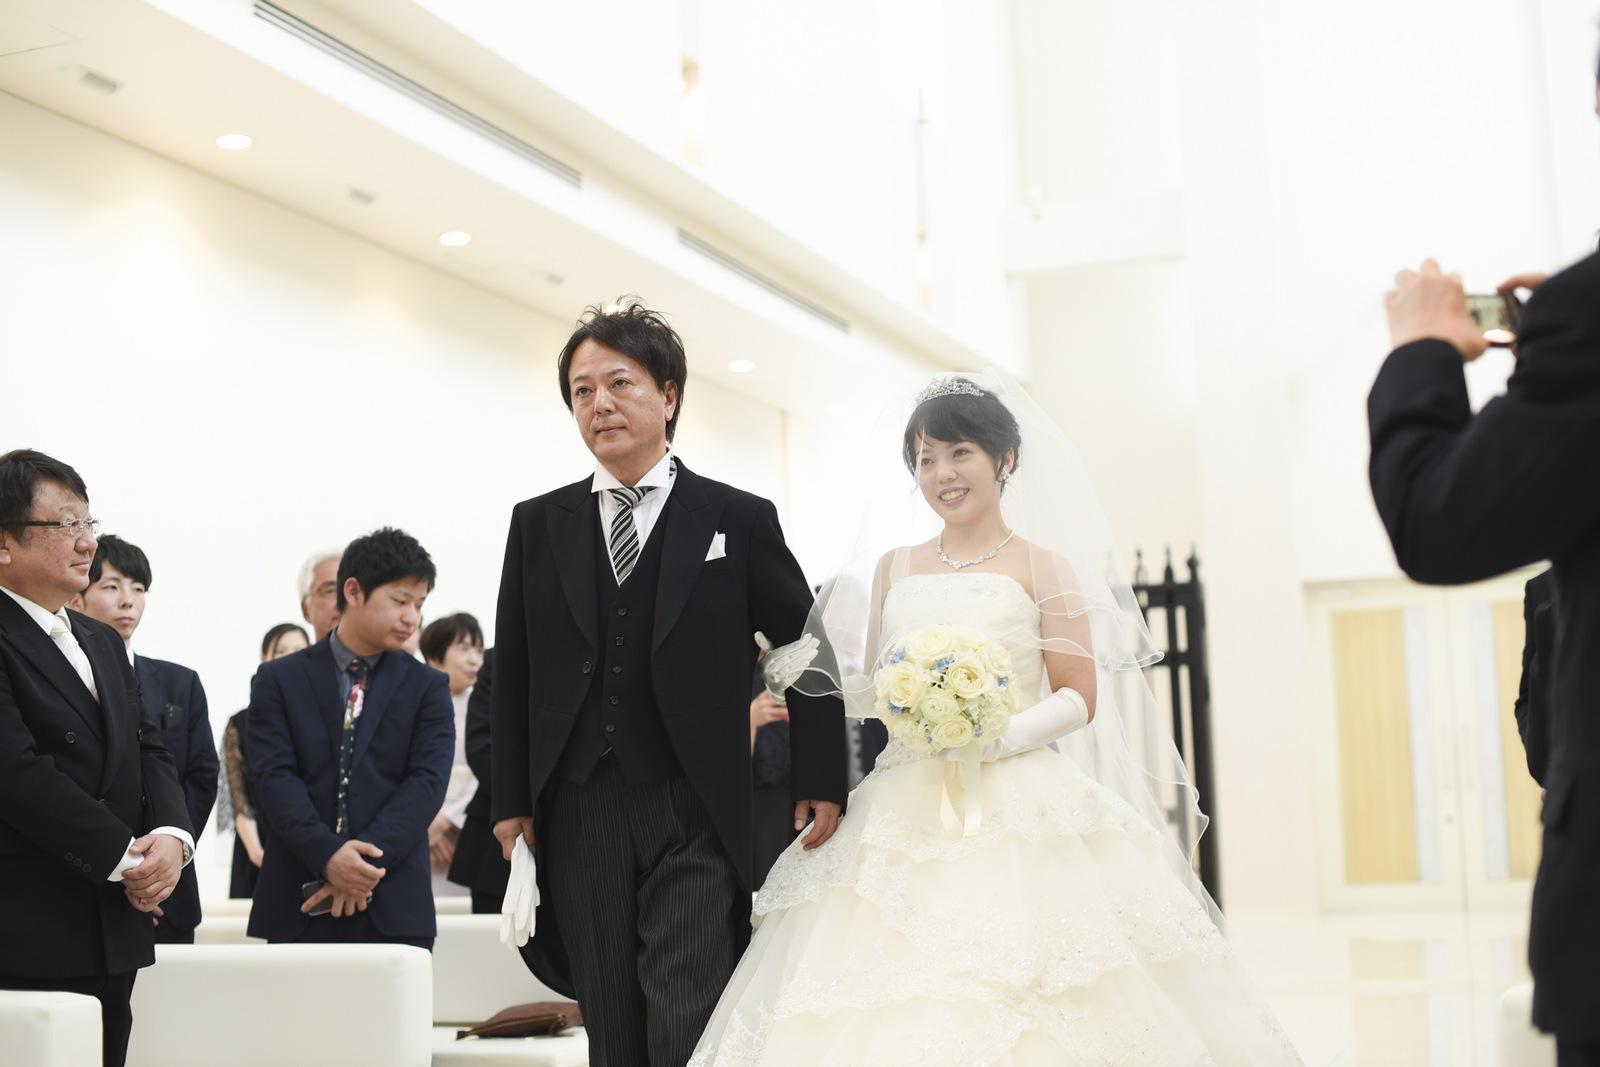 徳島市の結婚式場ブランアンジュのチャペルで入場する新婦とお父様